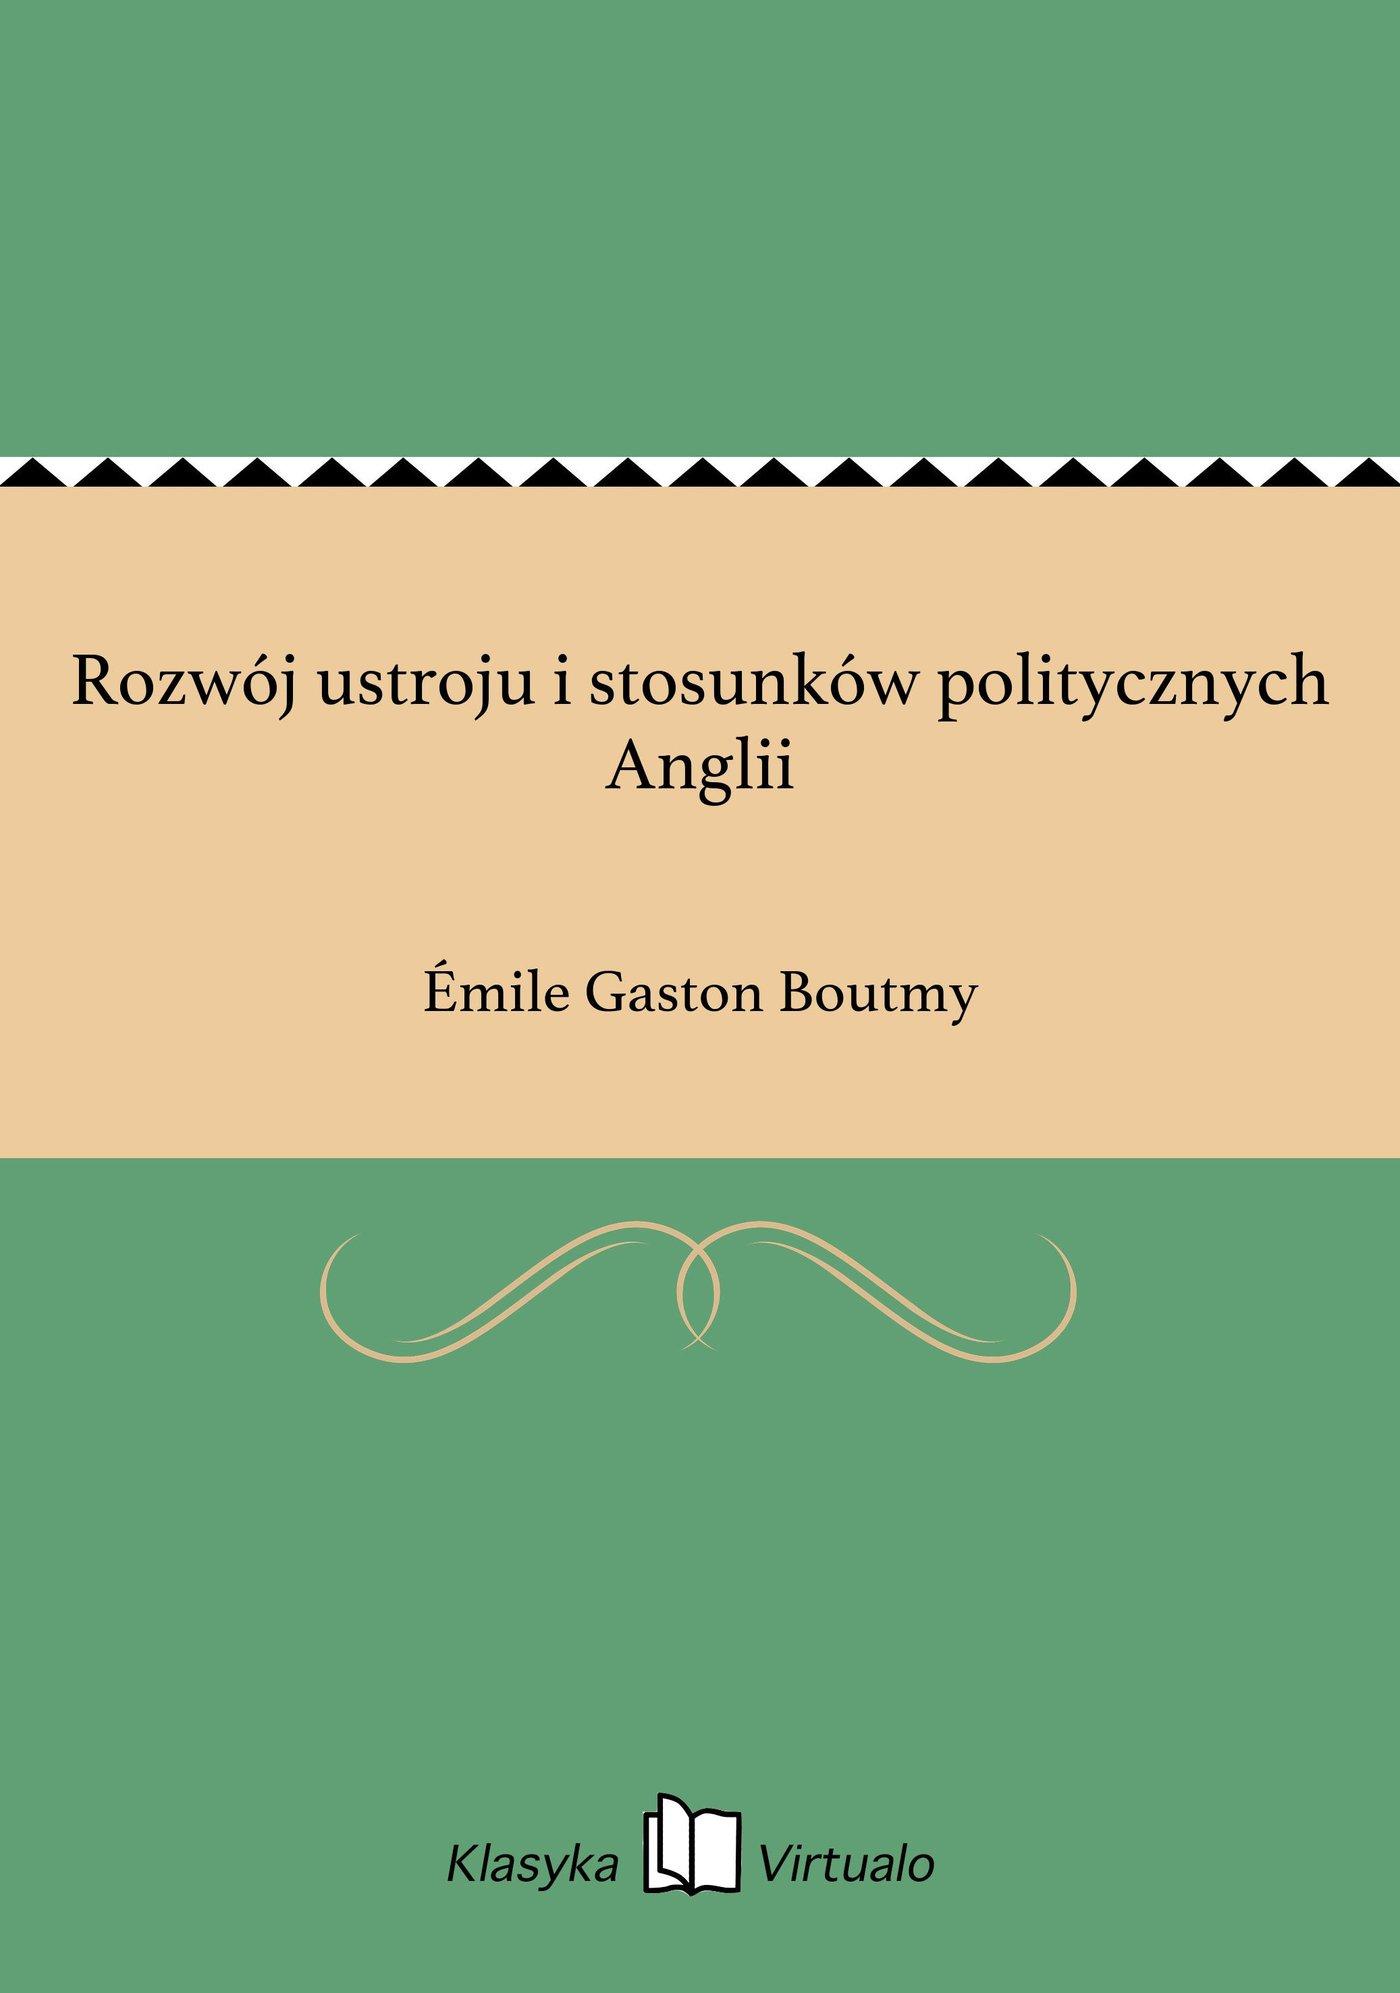 Rozwój ustroju i stosunków politycznych Anglii - Ebook (Książka EPUB) do pobrania w formacie EPUB